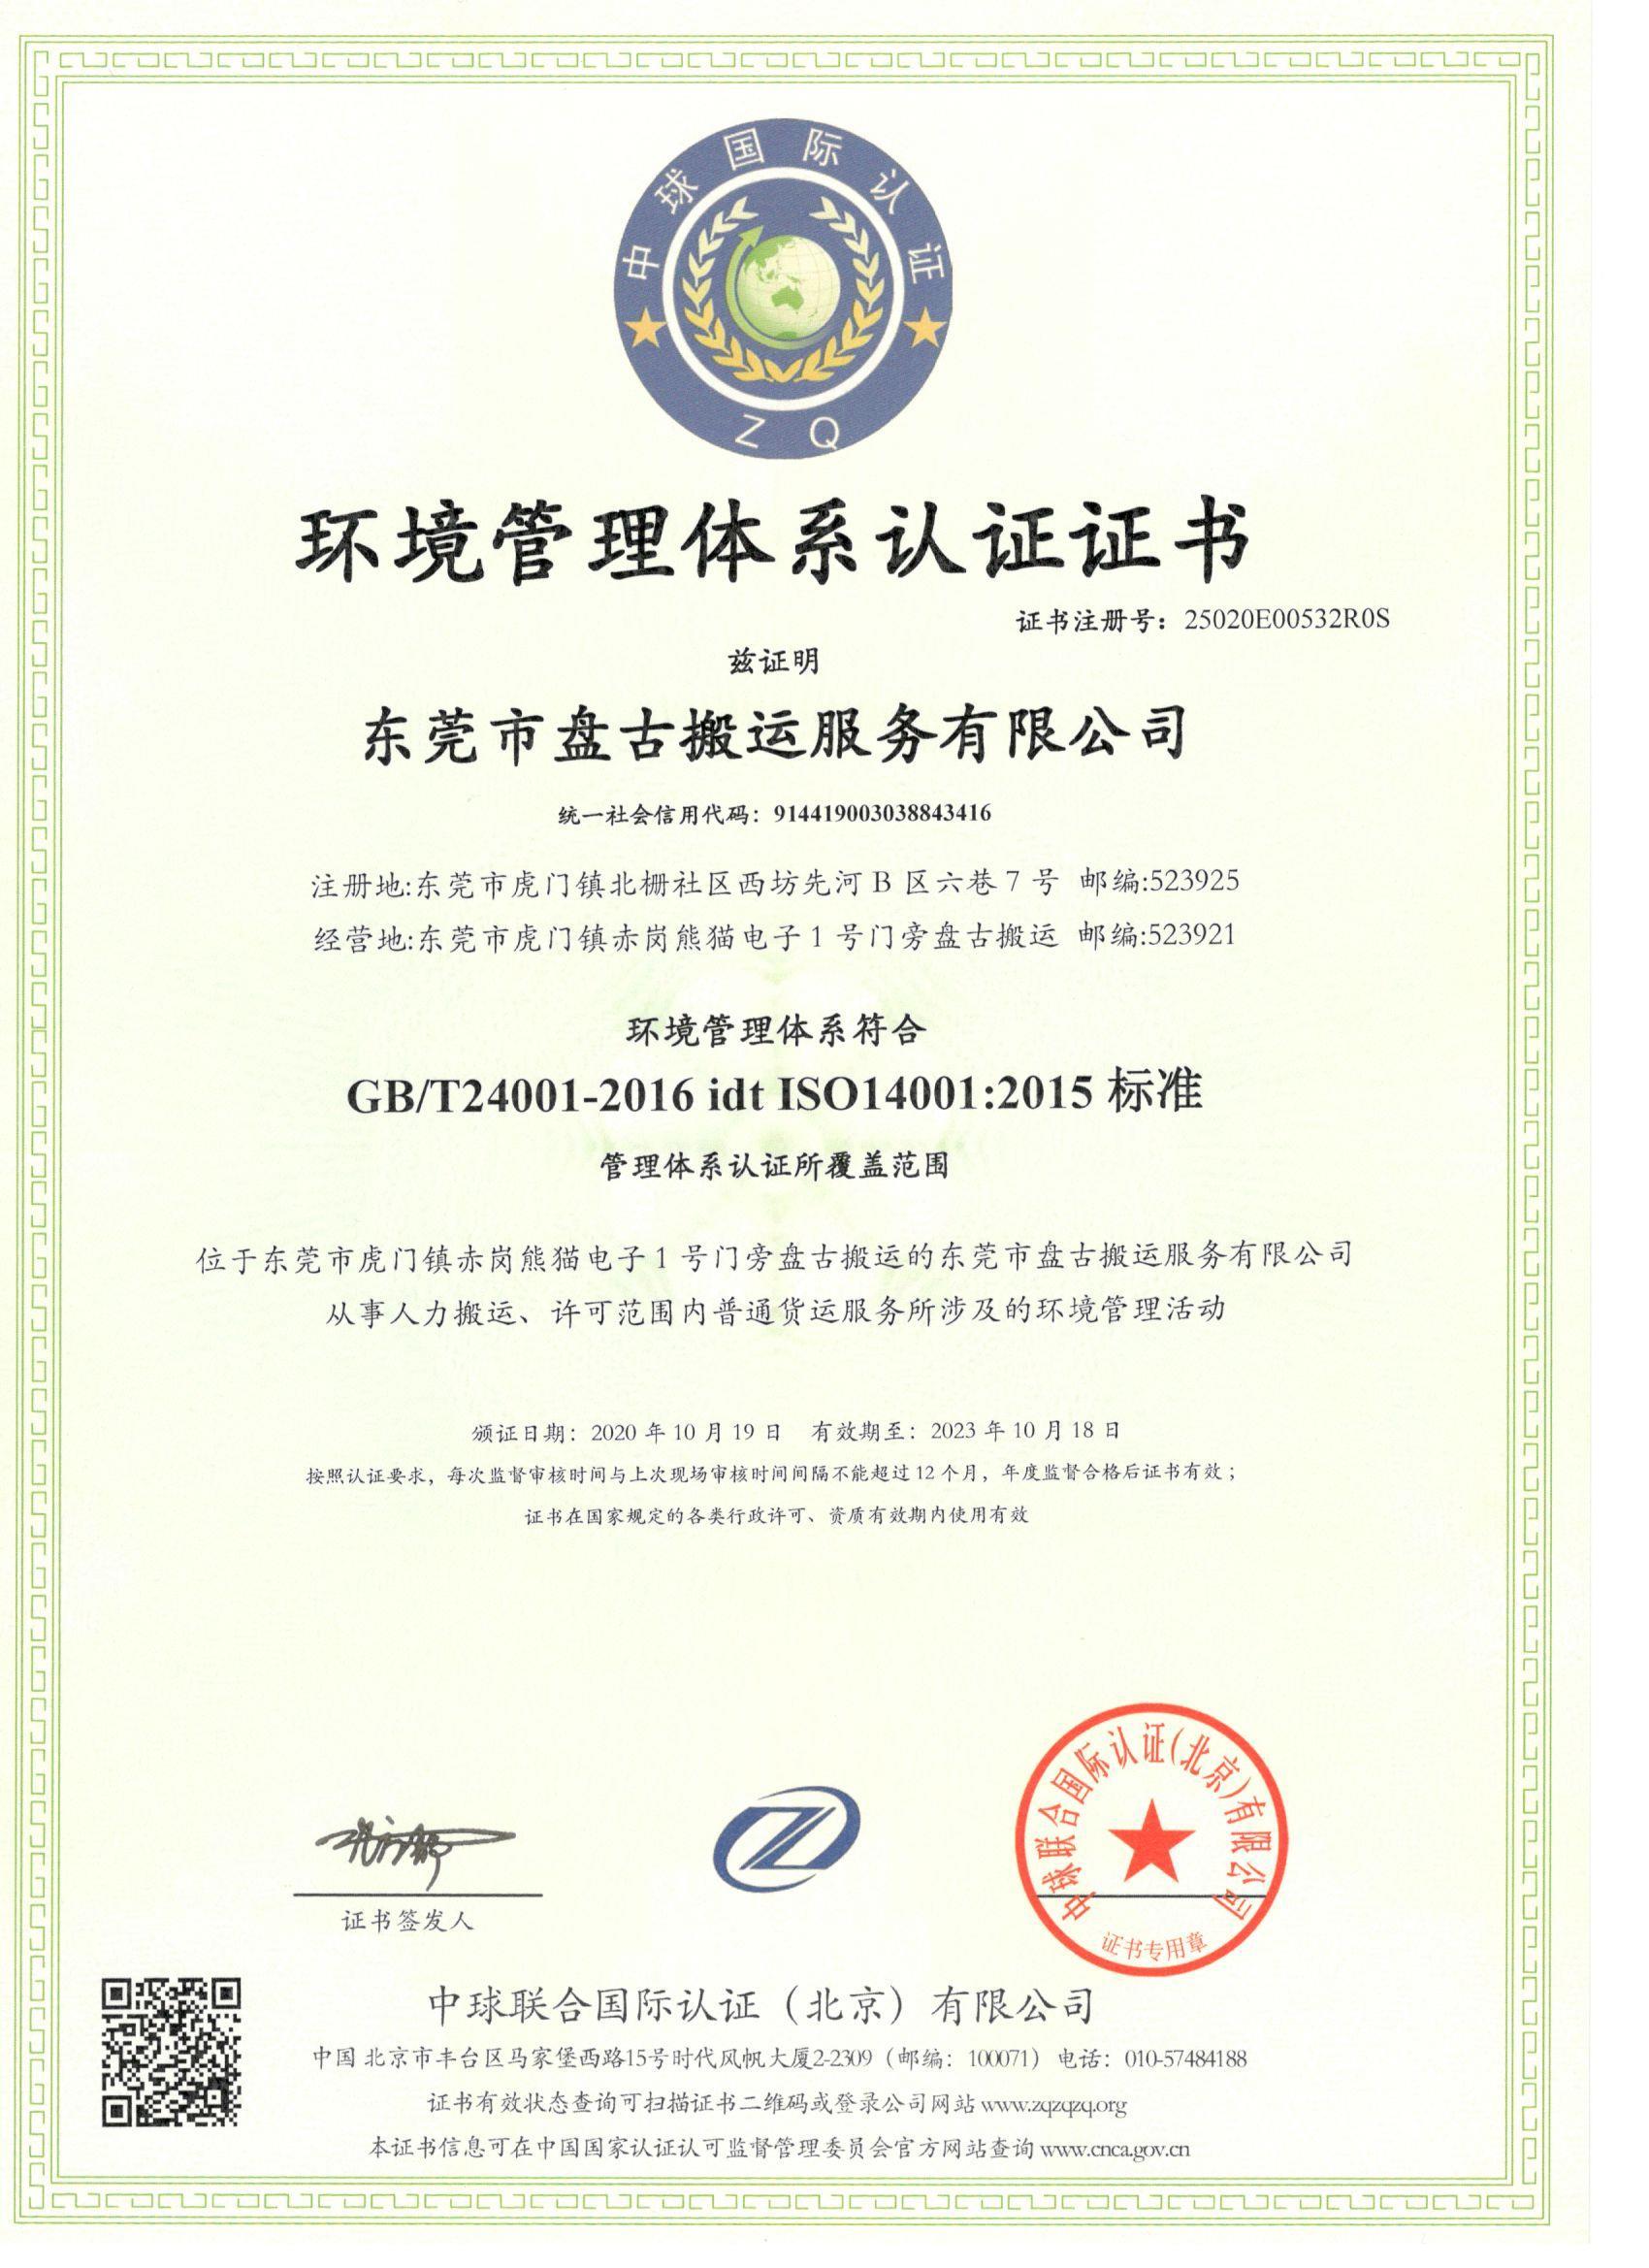 环境管理体系ISO14001认证-东莞市盘古搬运服务有限公司